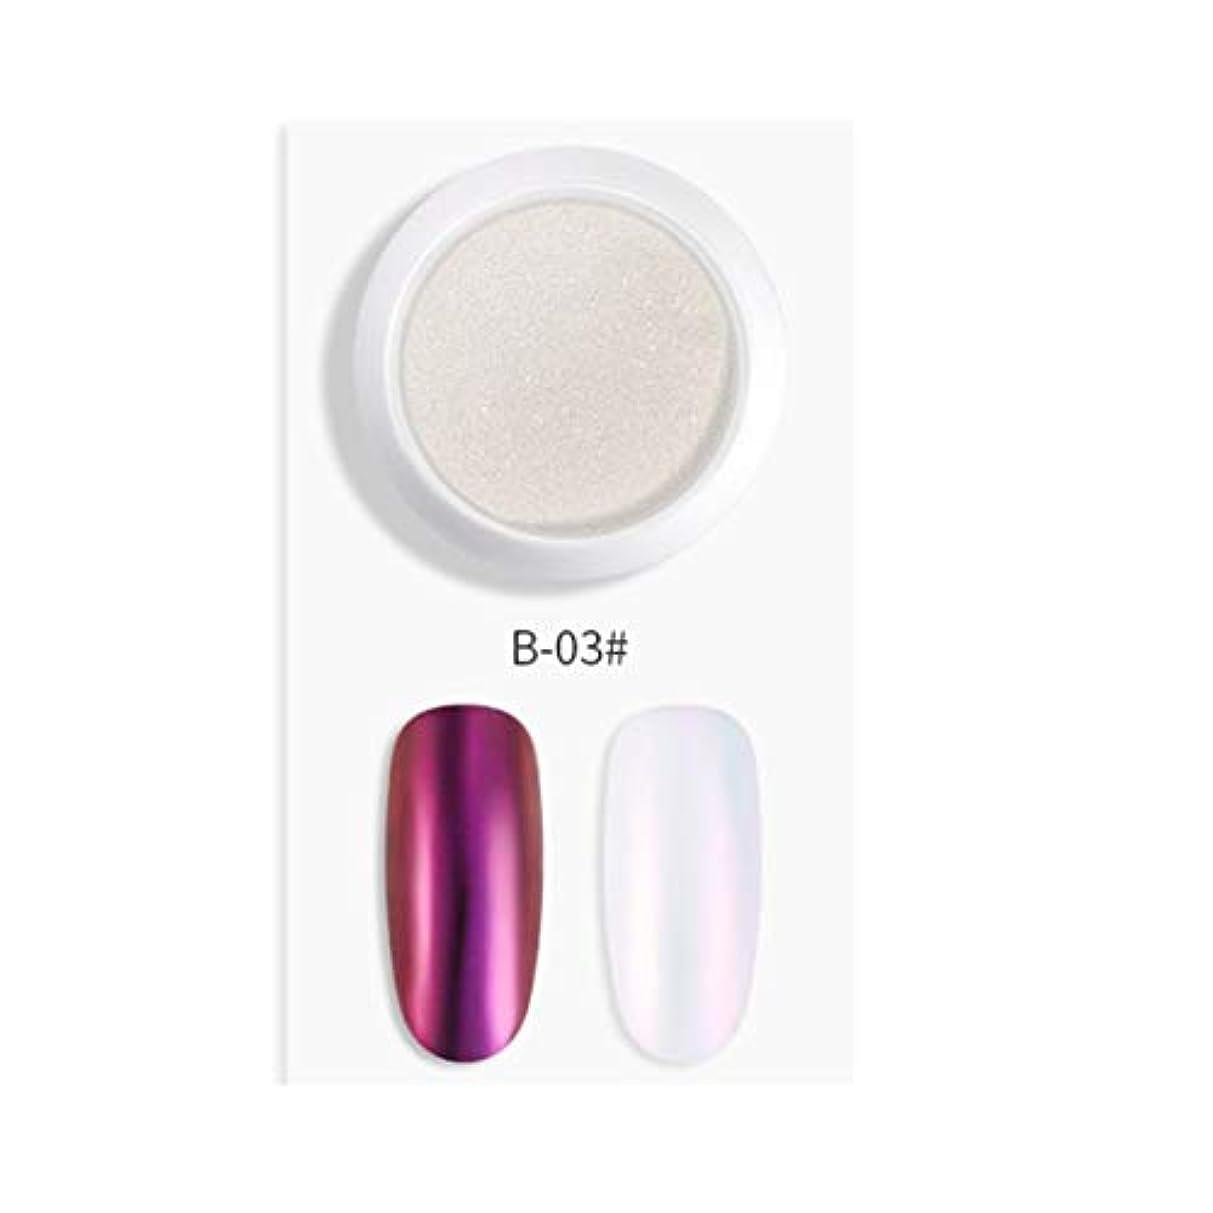 二アシスタントパッチIntercorey Shell Nail Chrome Powder Mirror&Opal Effect Holographic Glitter Nail Powder Manicure Pigment Kit 7...